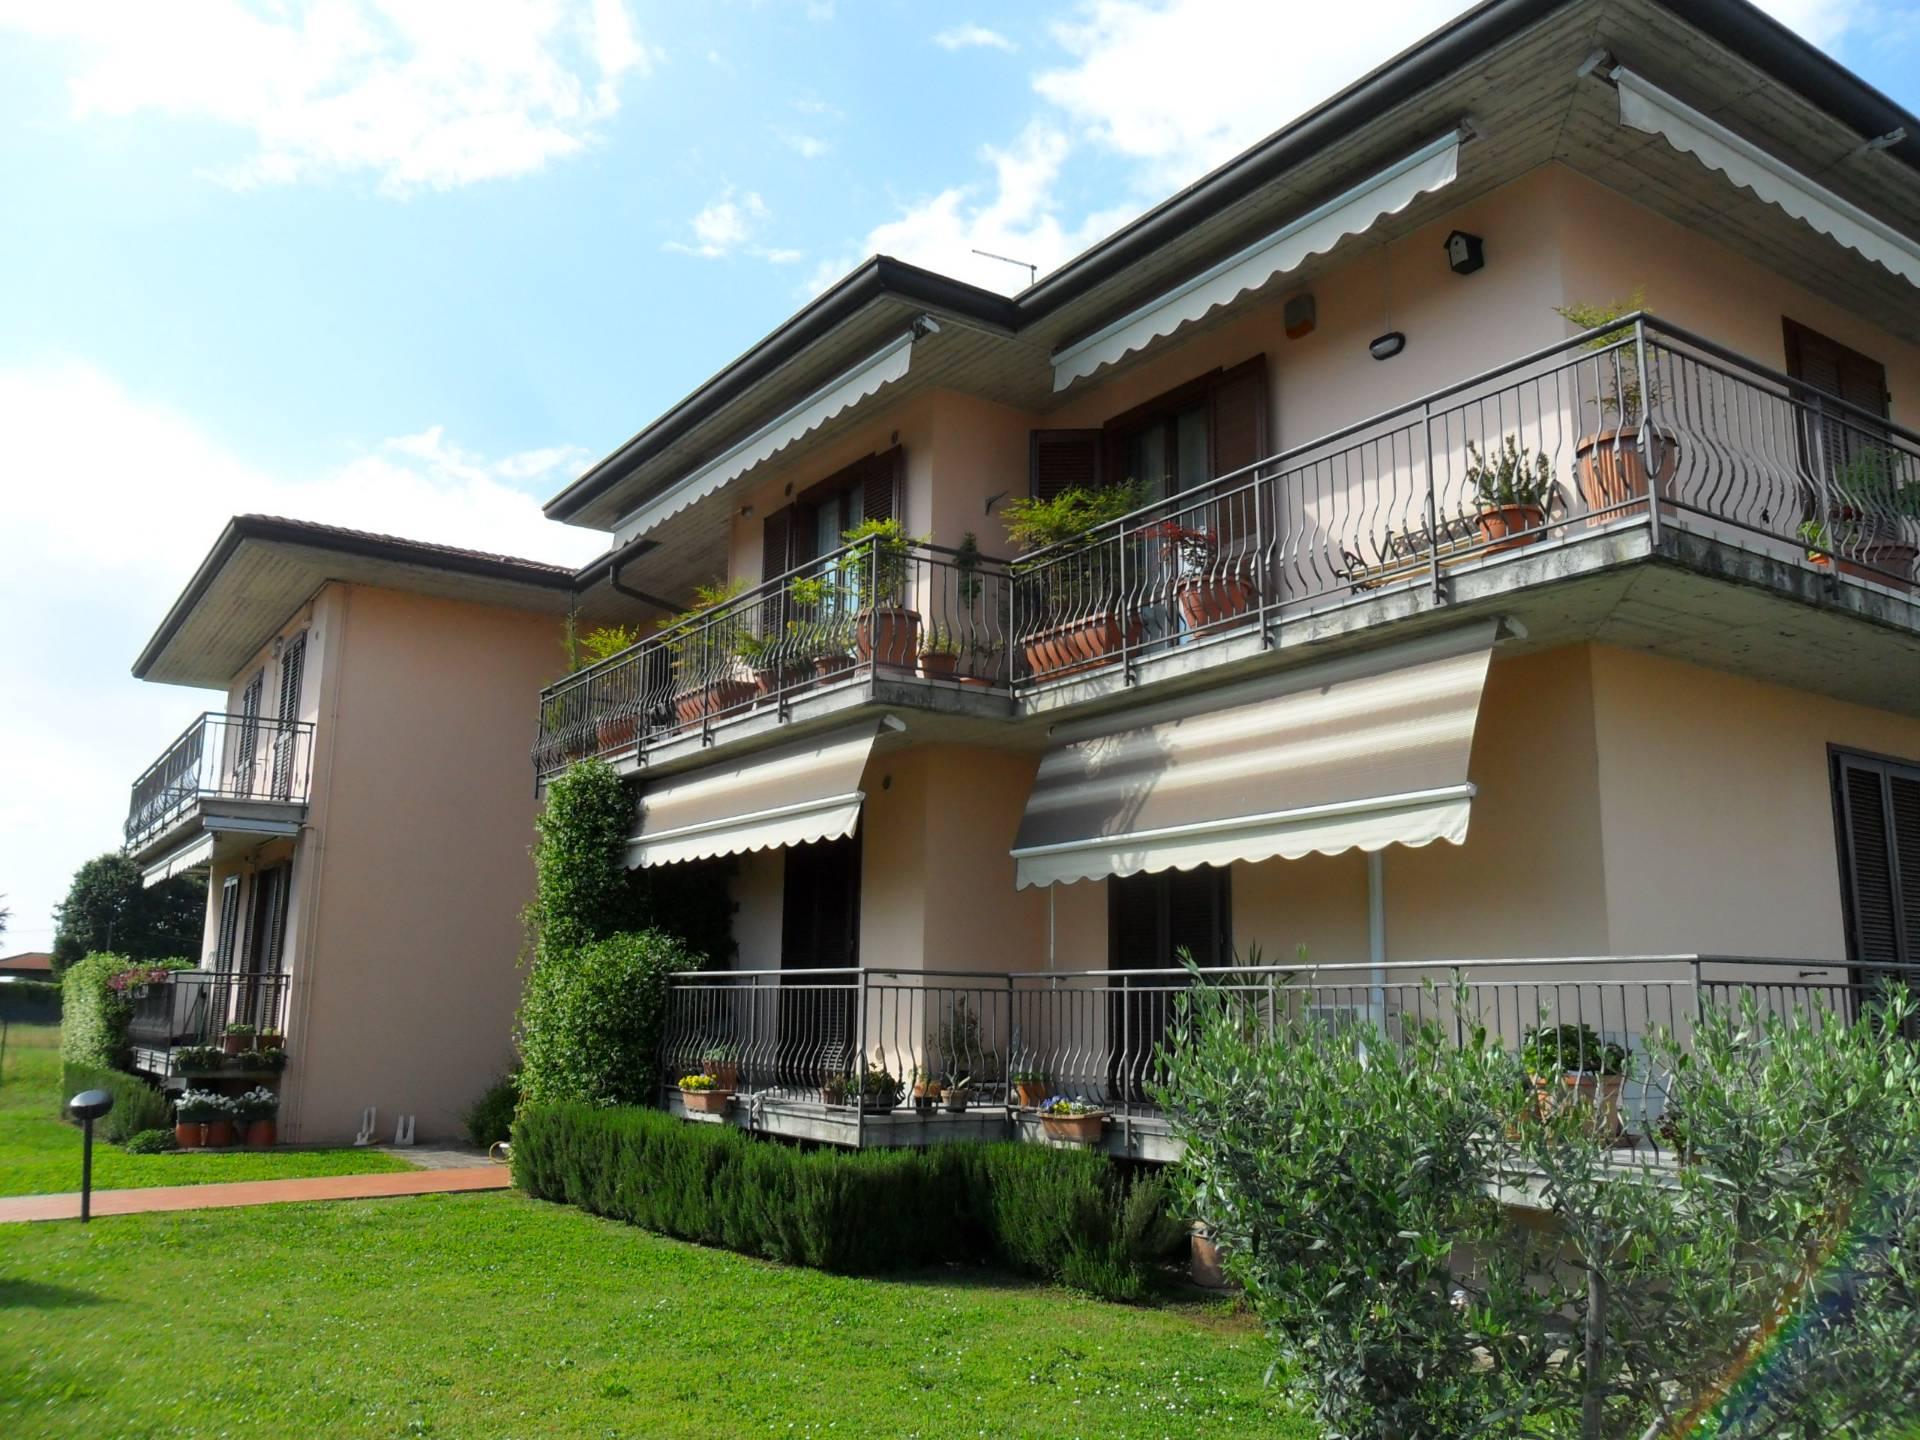 Appartamento in vendita a Palazzolo sull'Oglio, 2 locali, prezzo € 89.900 | PortaleAgenzieImmobiliari.it